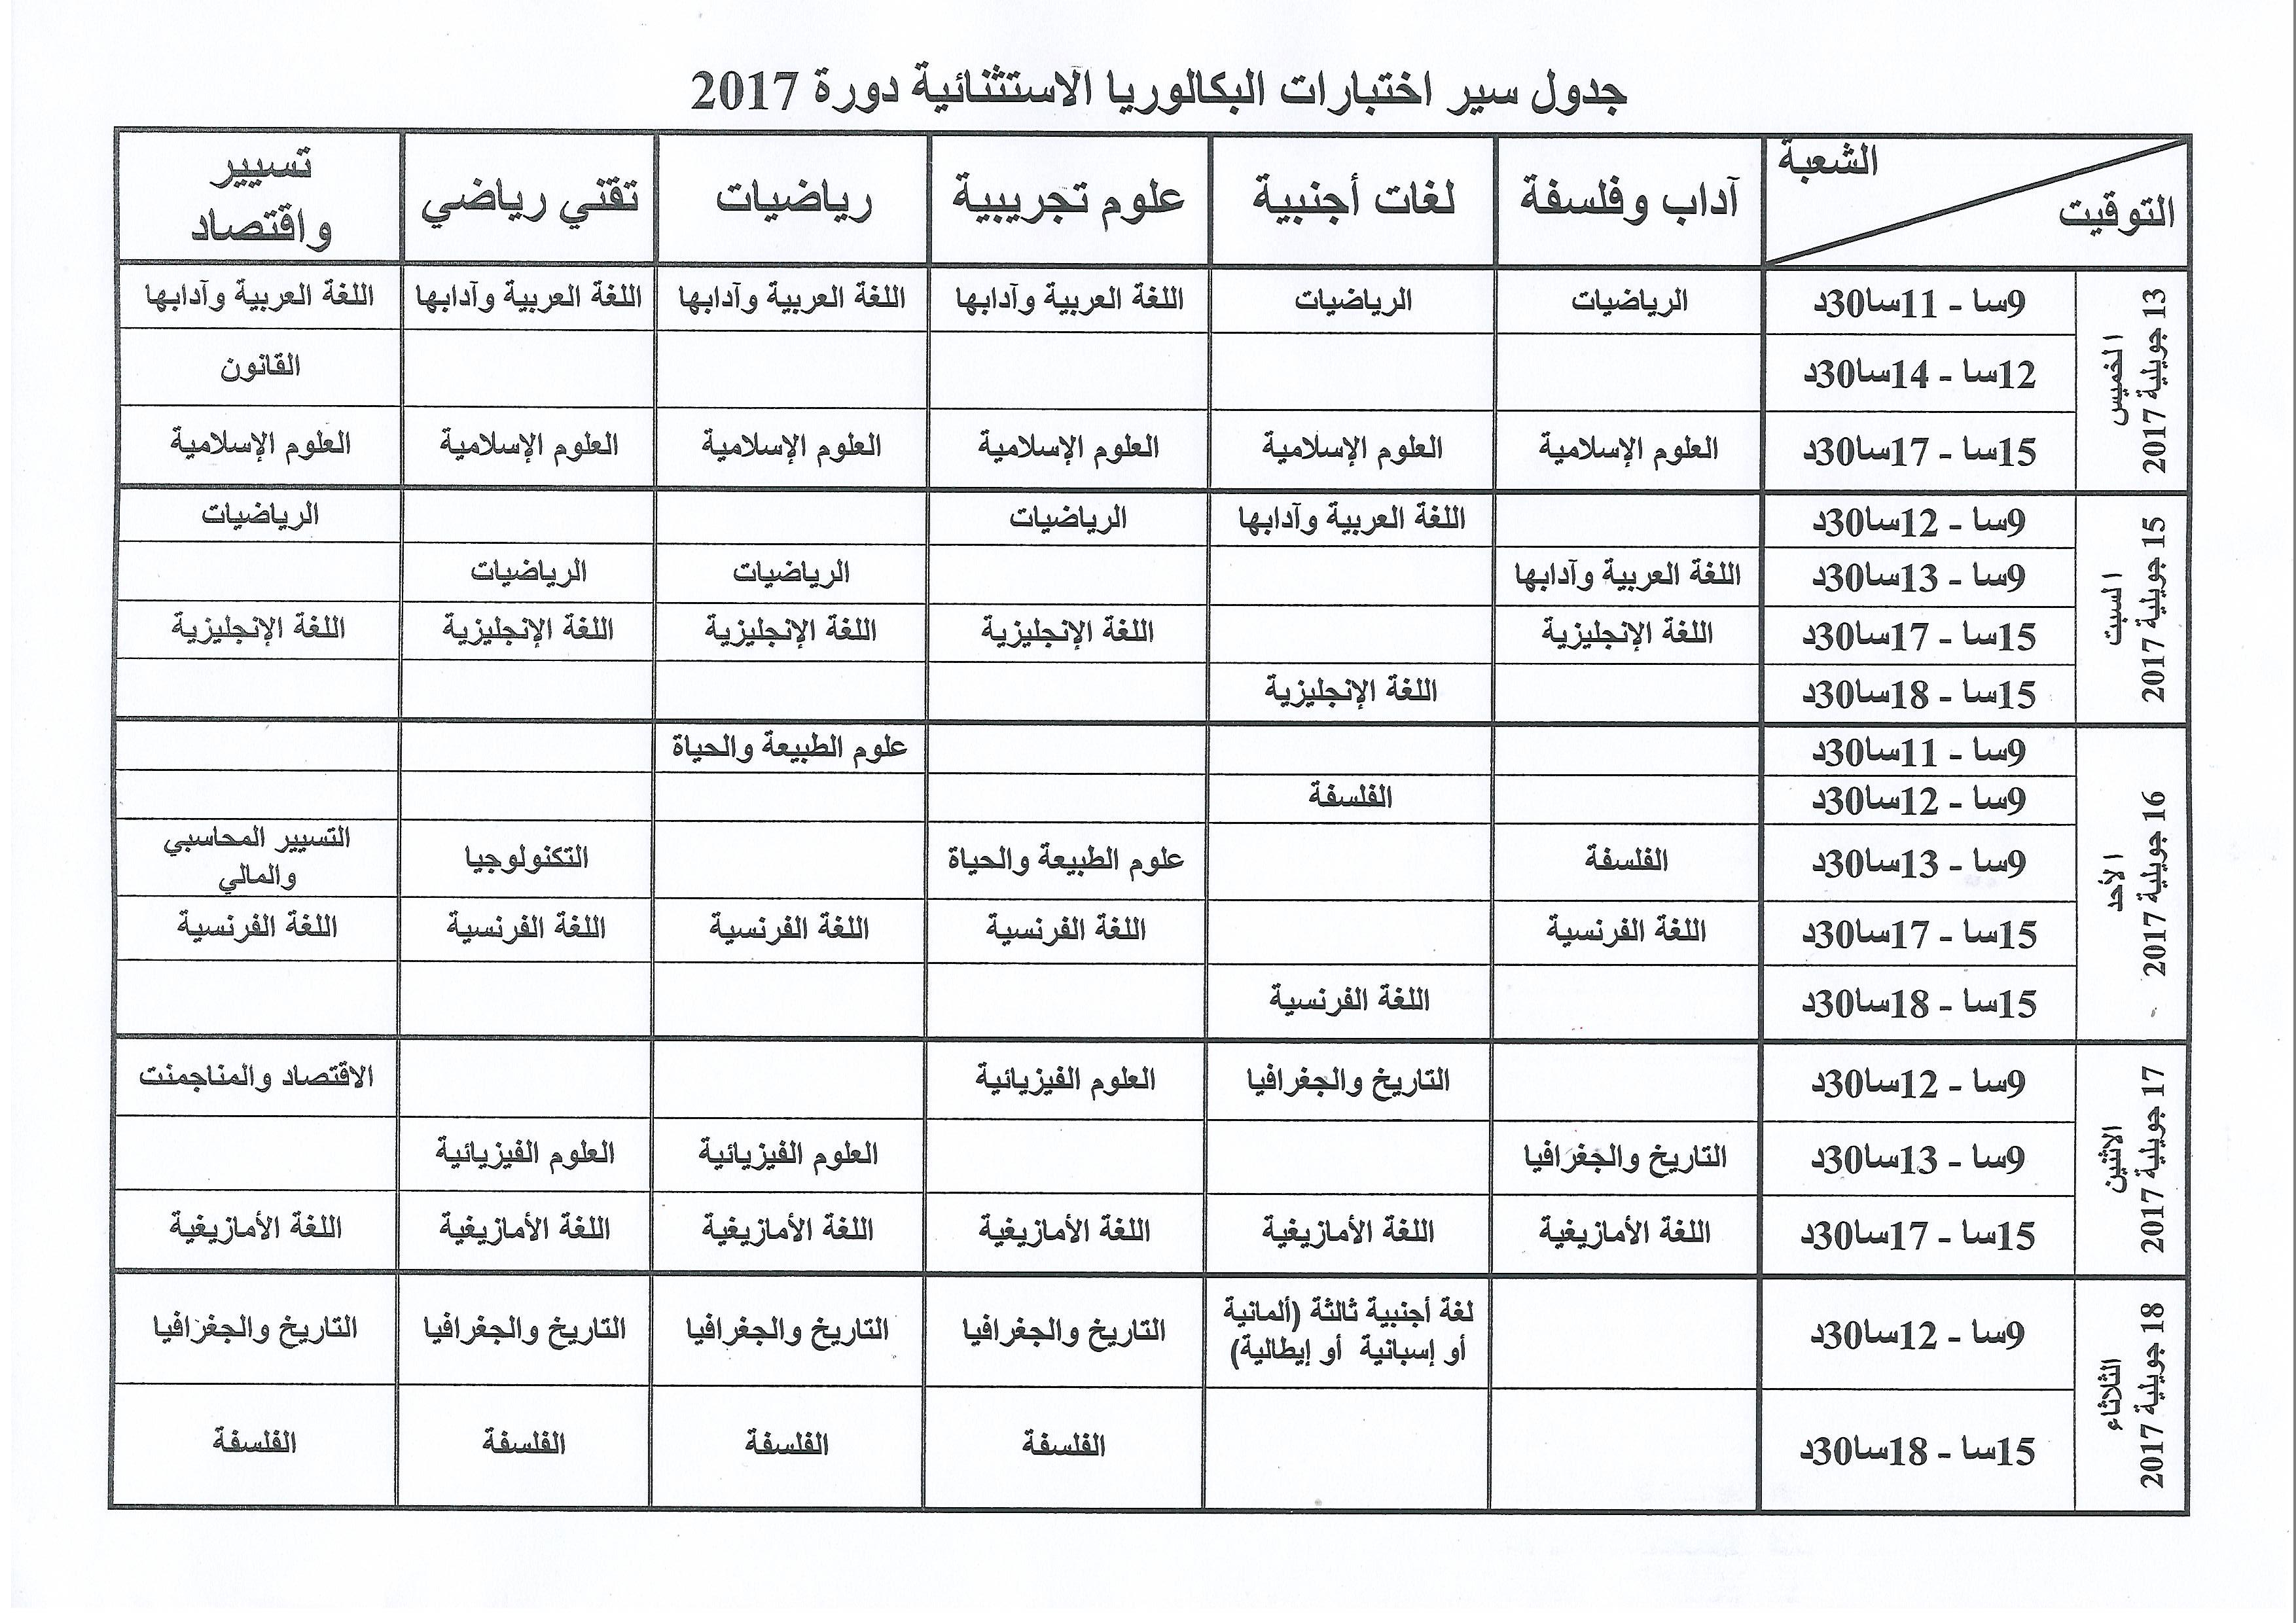 رزنامة الدورة الاستثنائیة لامتحانات البكالوريا 2017 Bac11